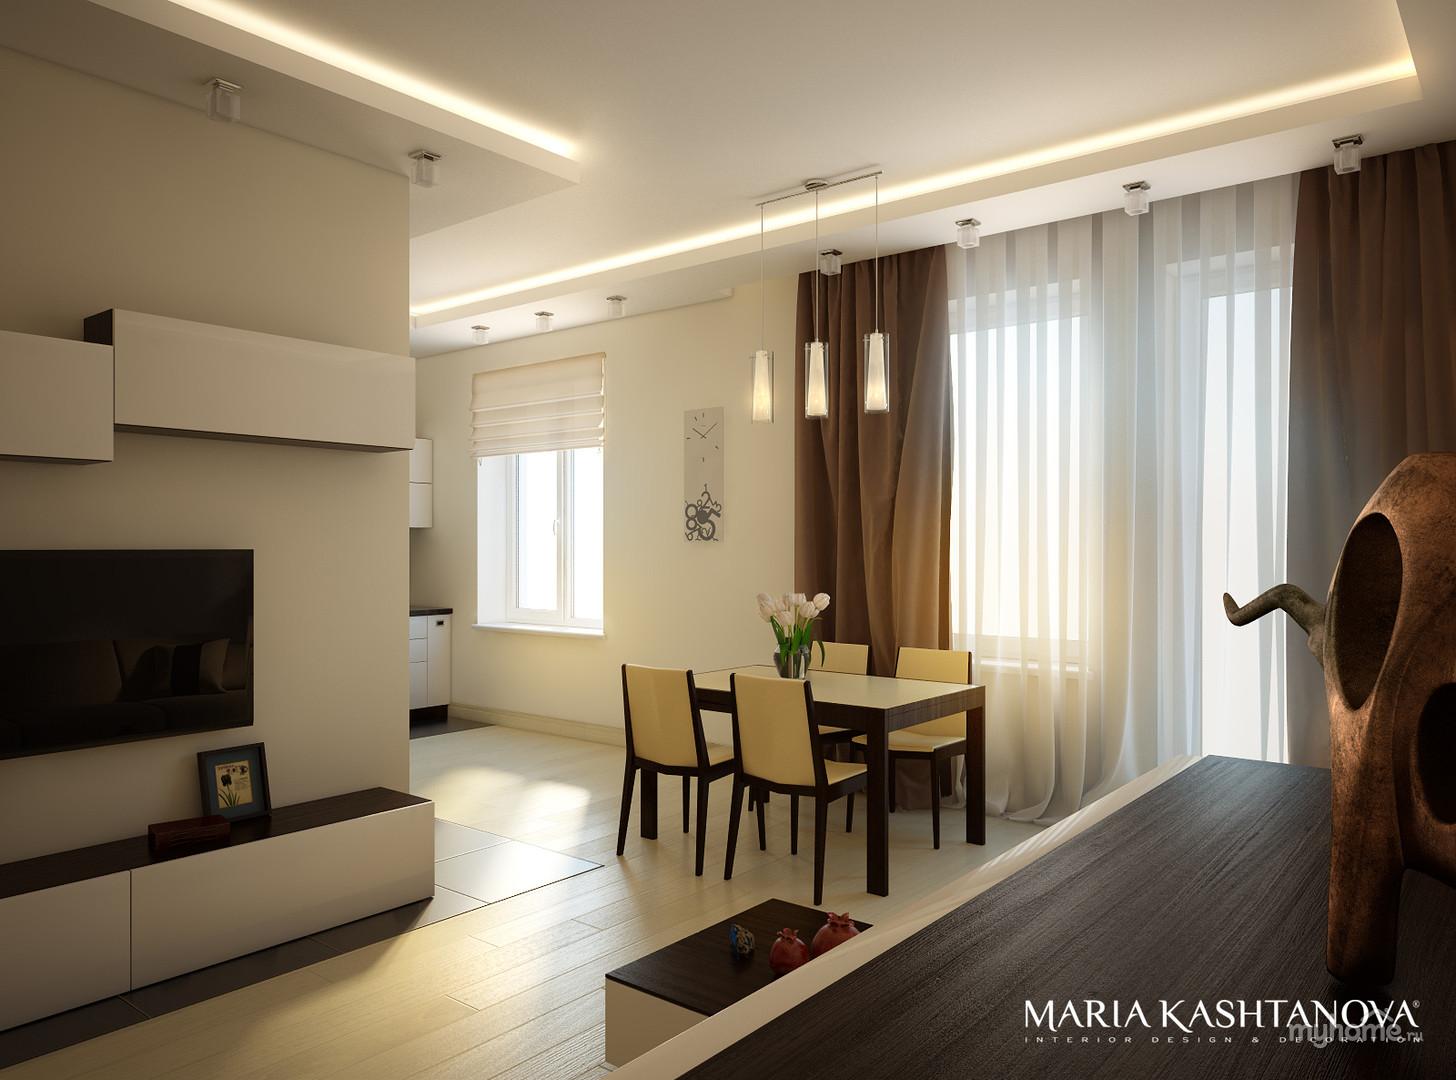 Сталинка 3 комнатная дизайн